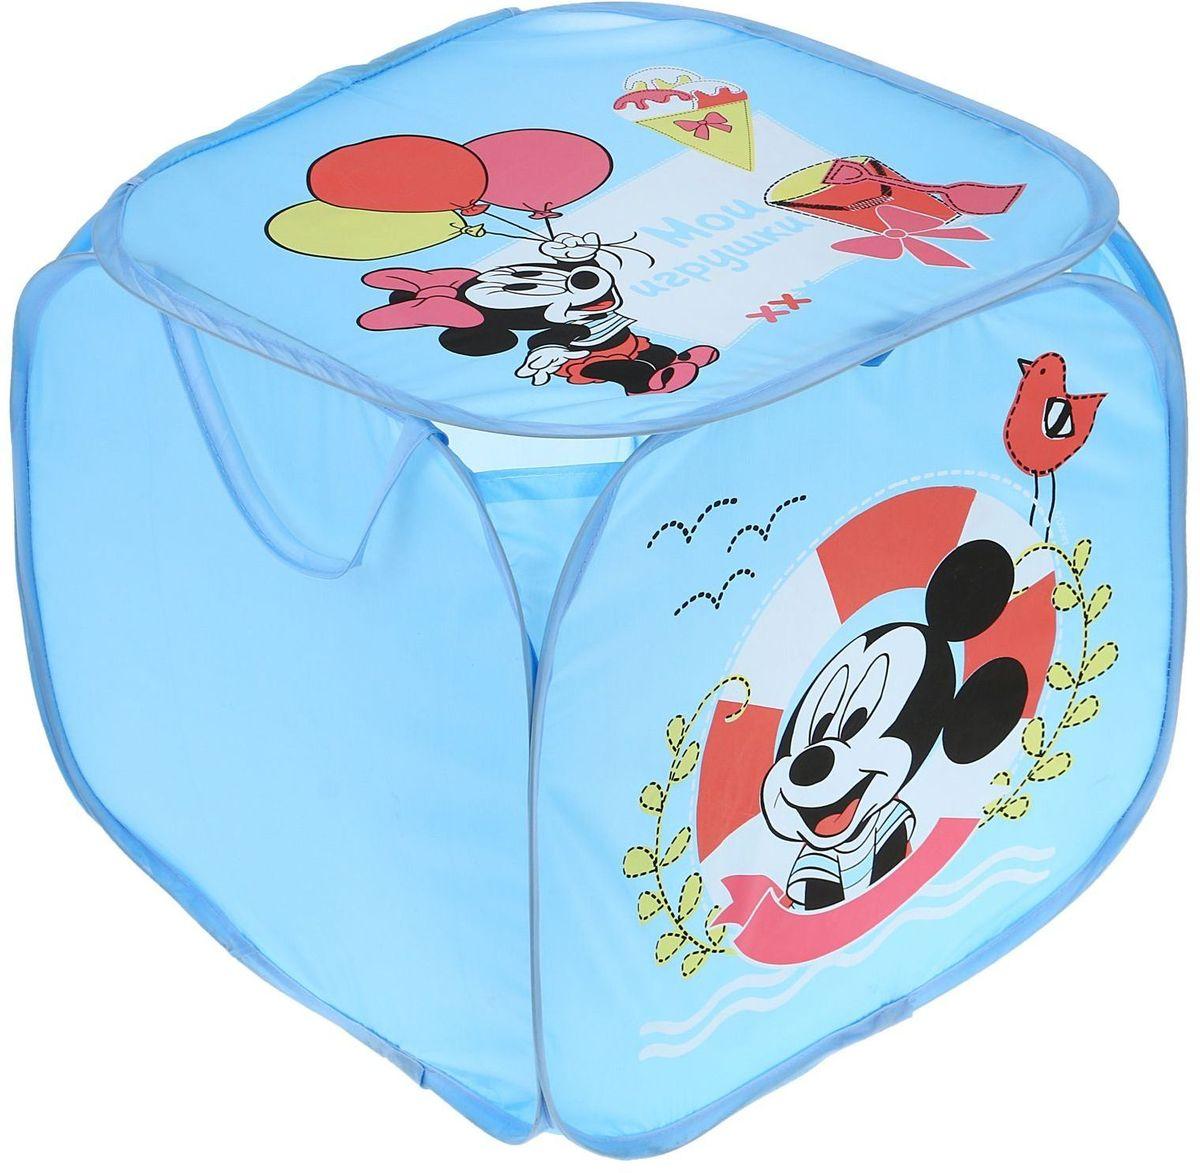 Disney Корзина для хранения Мои игрушки Микки Маус и его друзья1298683С Disney уборка веселей! Квадратная корзина с героями любимого мультфильма приведёт ребёнка в восторг: малыш сам будет прибирать игрушки без лишних напоминаний! Изделие дополнено двумя ручками, за которые куб можно подвесить или перемещать с места на место. Крышка с красочным изображением известного персонажа Disney защитит содержимое корзины от пыли и других загрязнений.